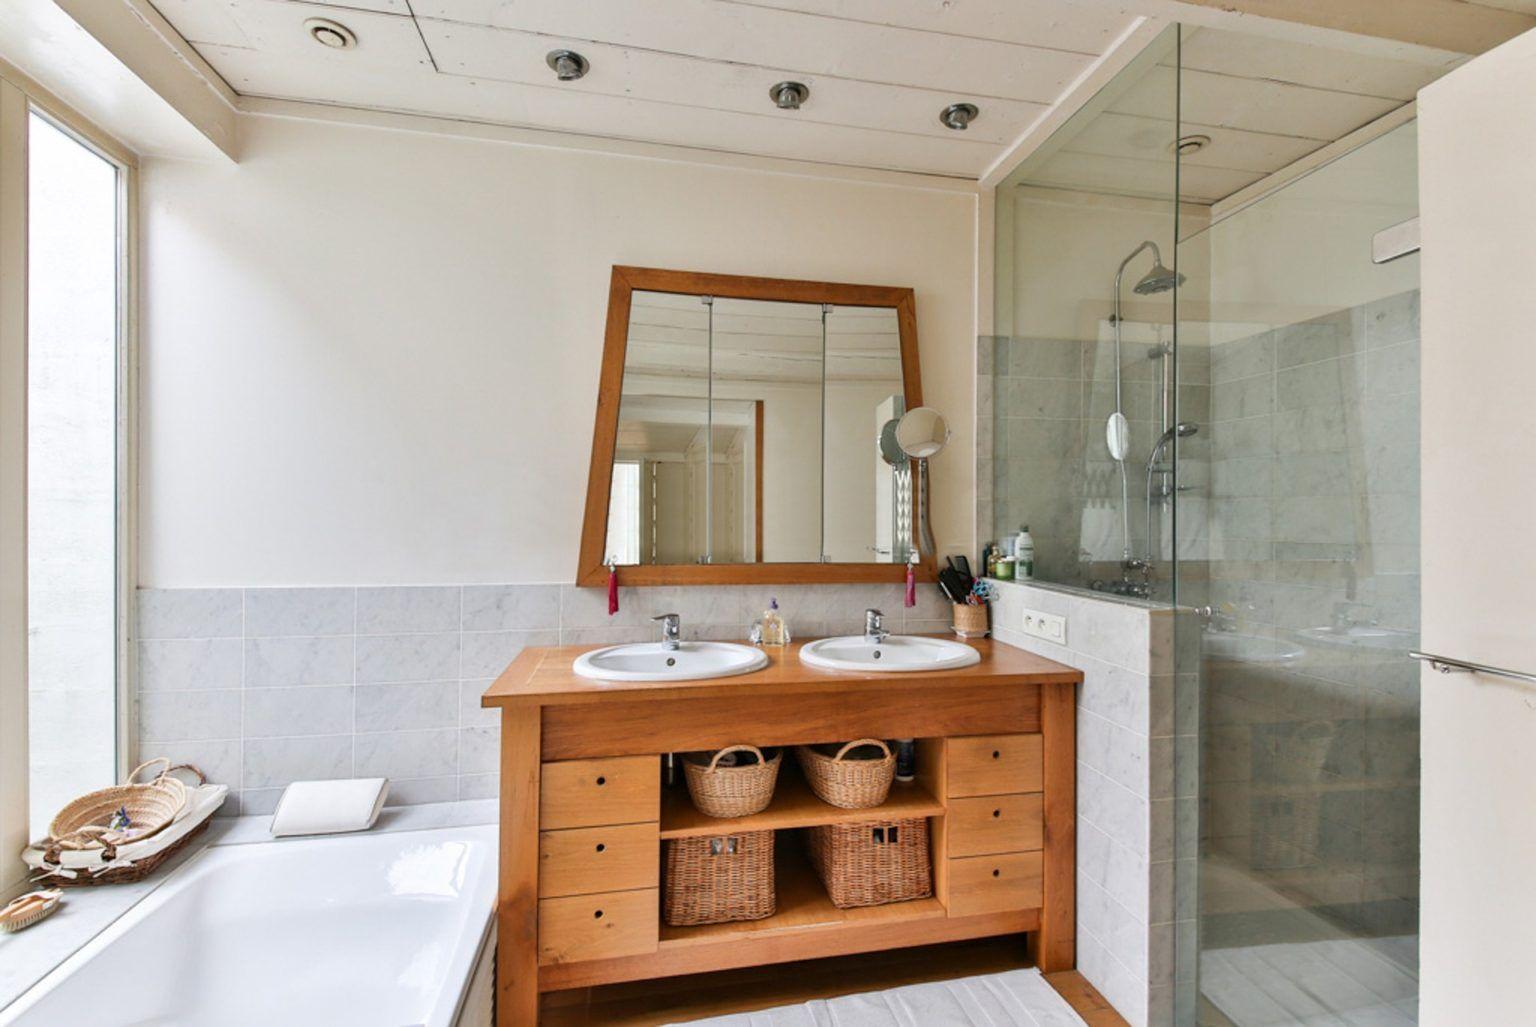 Small Bathroom Designs In 2020 Bathroom Remodel Cost Bathroom Design Small Small Bathroom Remodel Cost